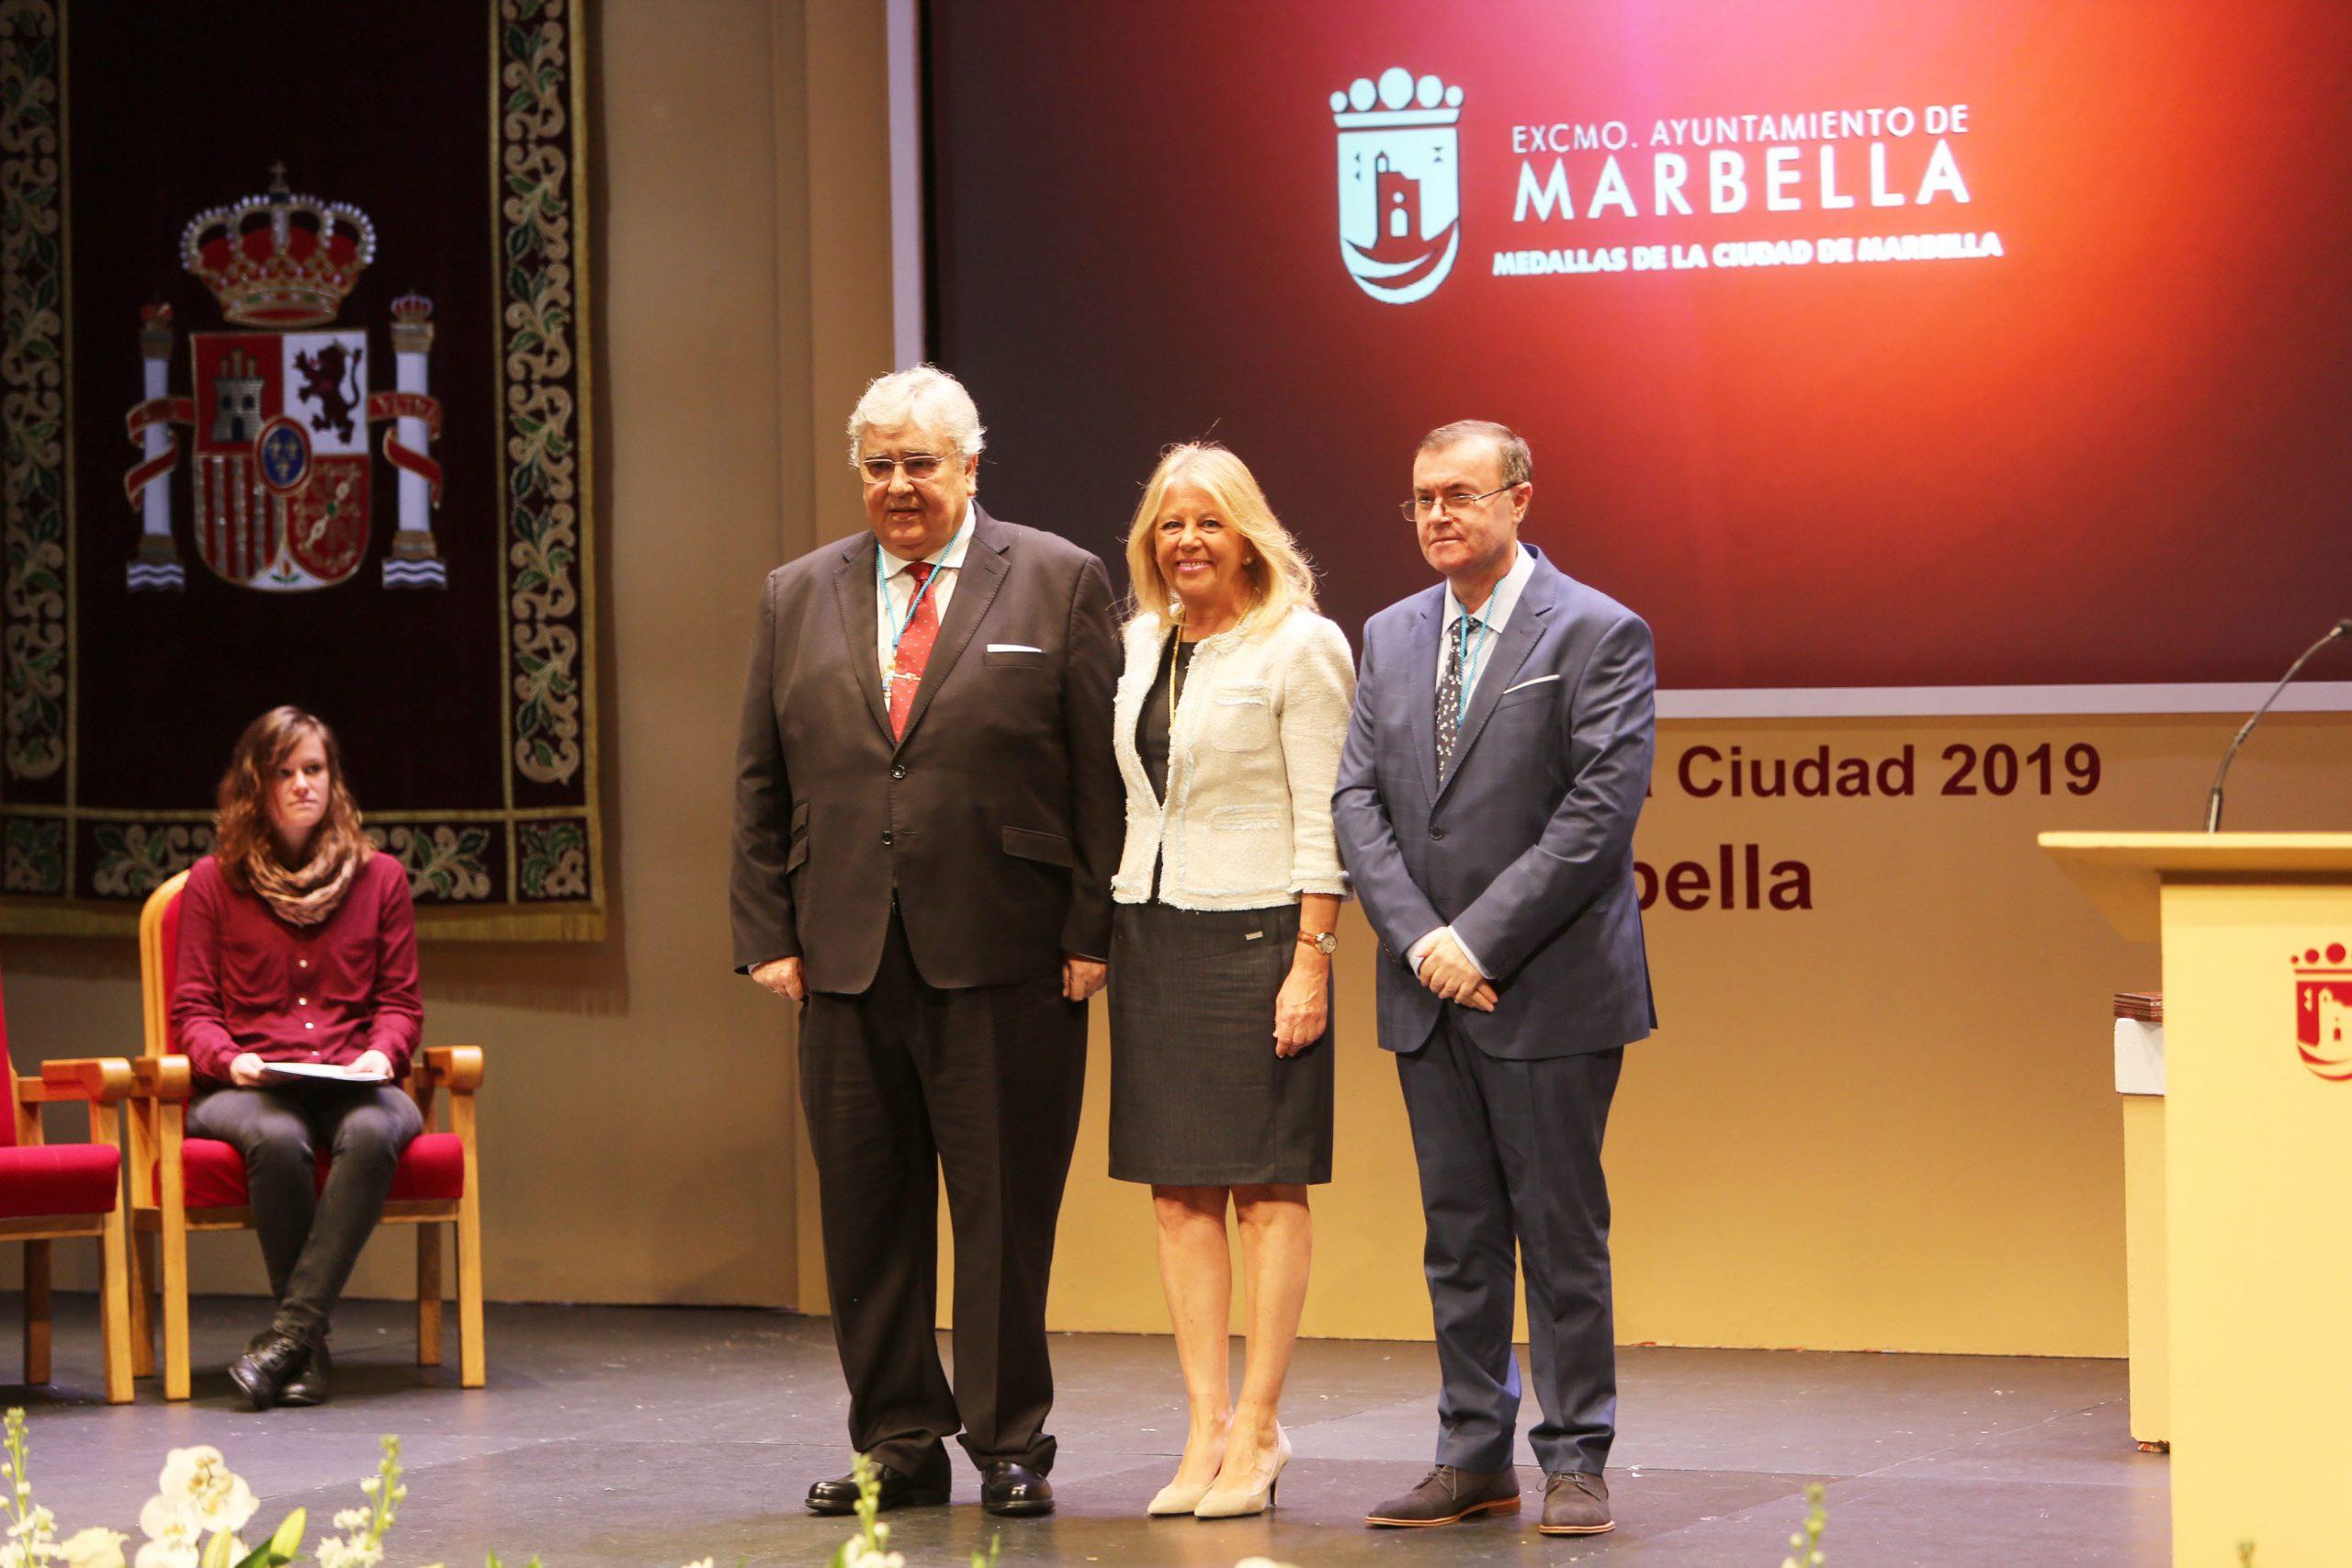 Marbella entrega las Medallas de la Ciudad a José Godino y Francisco Moyano, por su labor y compromiso con el municipio